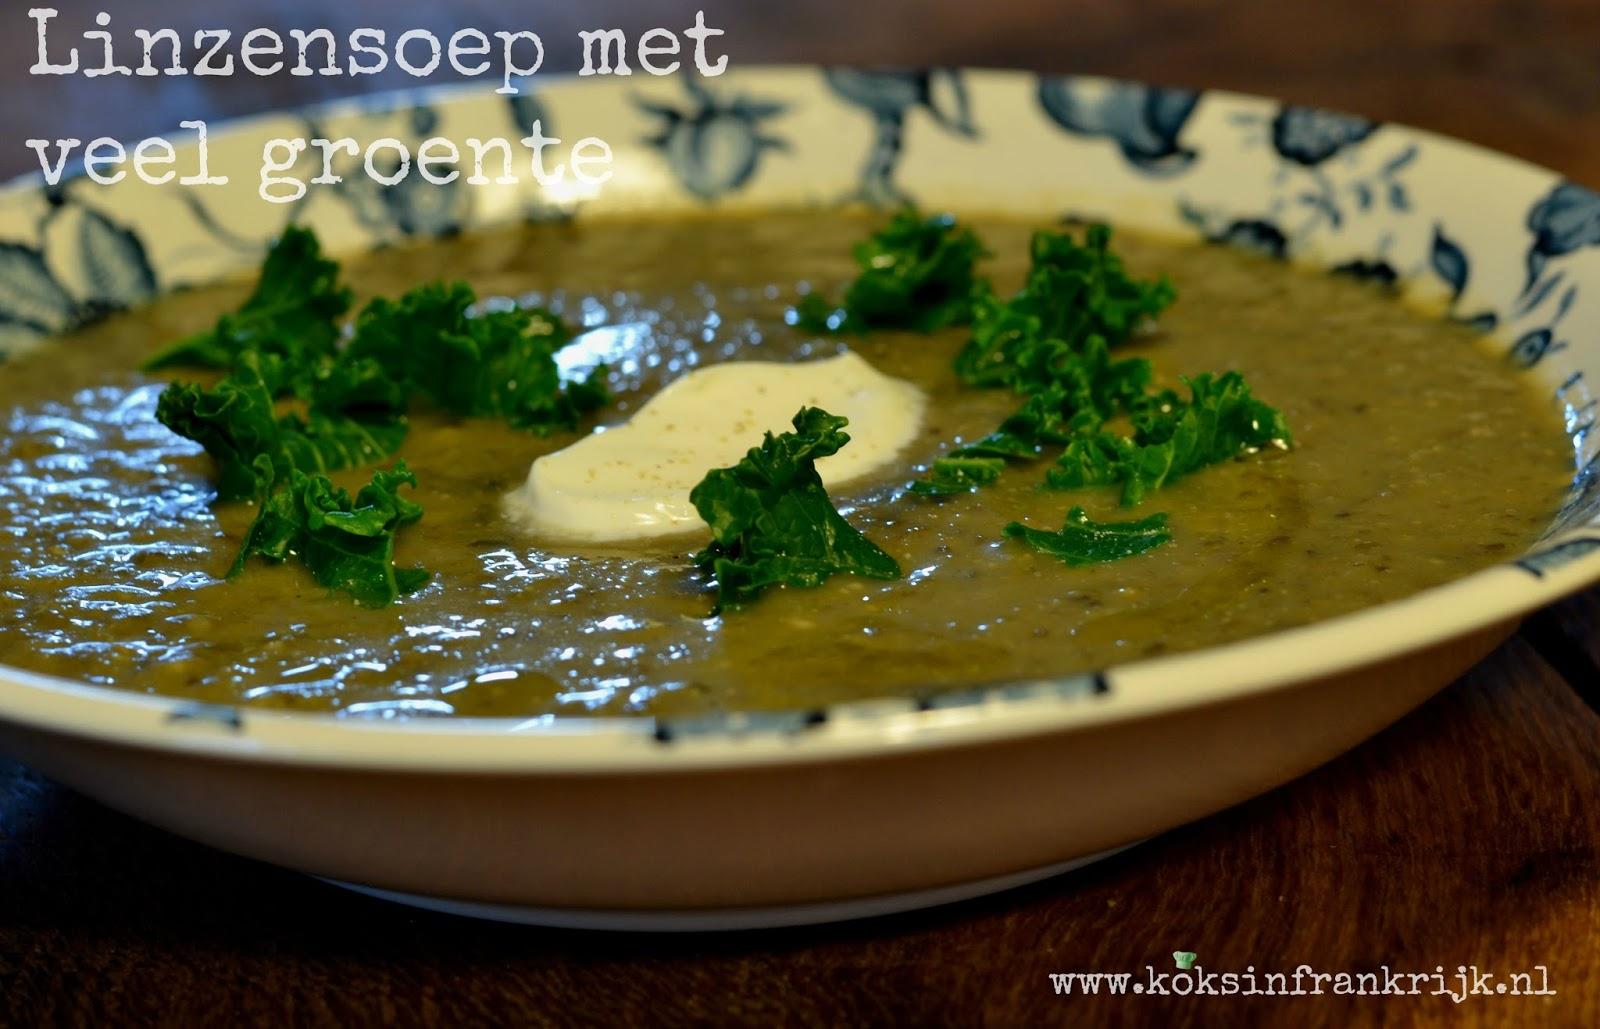 Gezonde linzensoep met veel groente. Vegetarisch en glutenvrij. Geschikt voor de slowcooker.